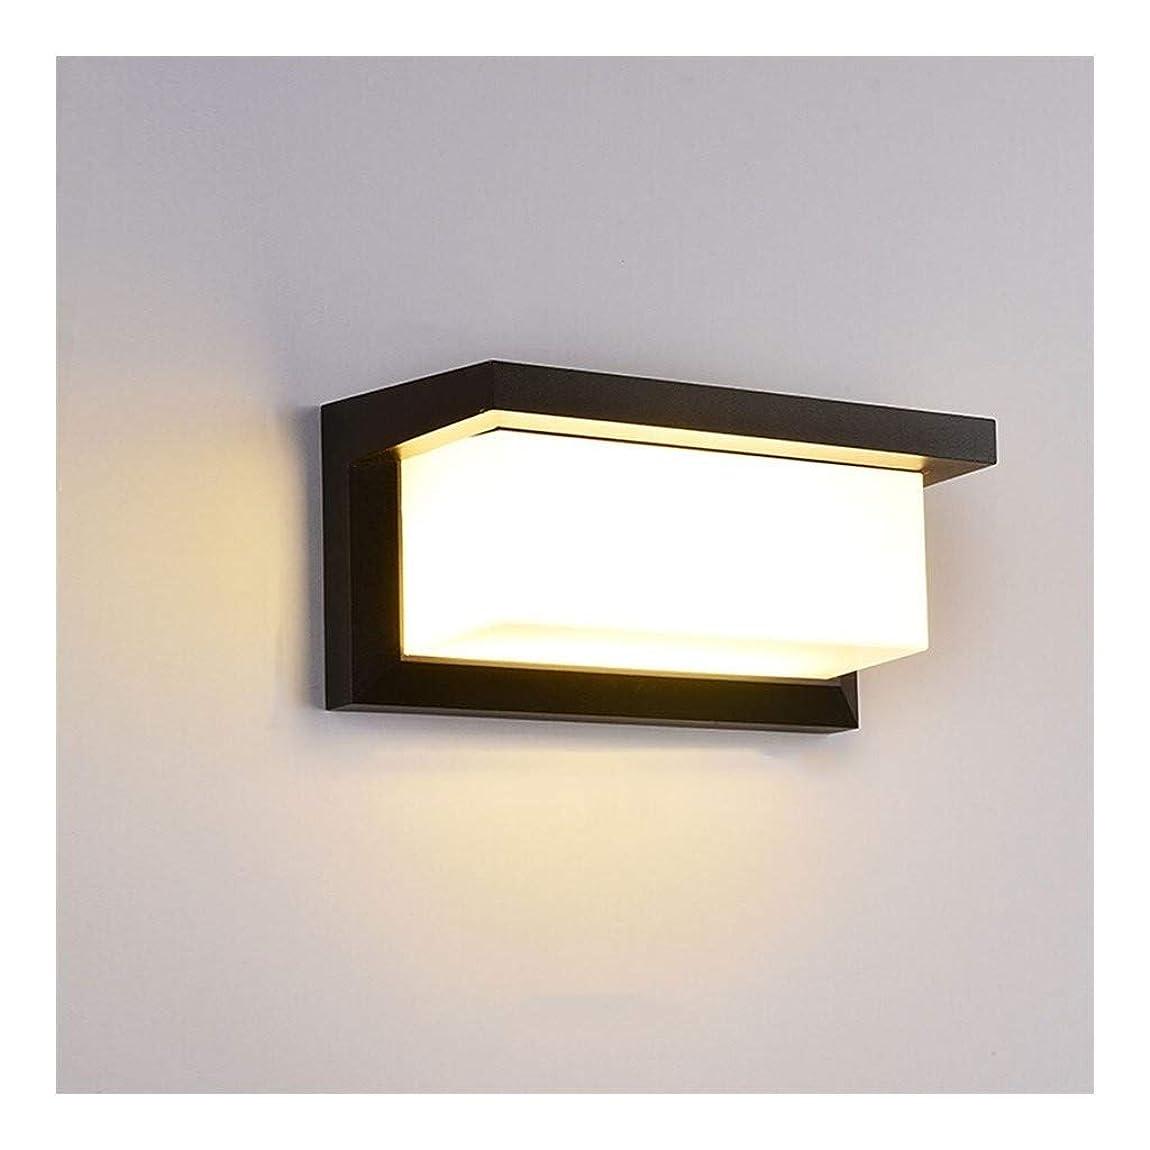 切り離すピクニック販売員壁ランプ屋外防水現代のミニマリストのコートヤードバルコニー階段廊下アイル照明ウォールライト (Color : Black, Size : 26*12*12cm)